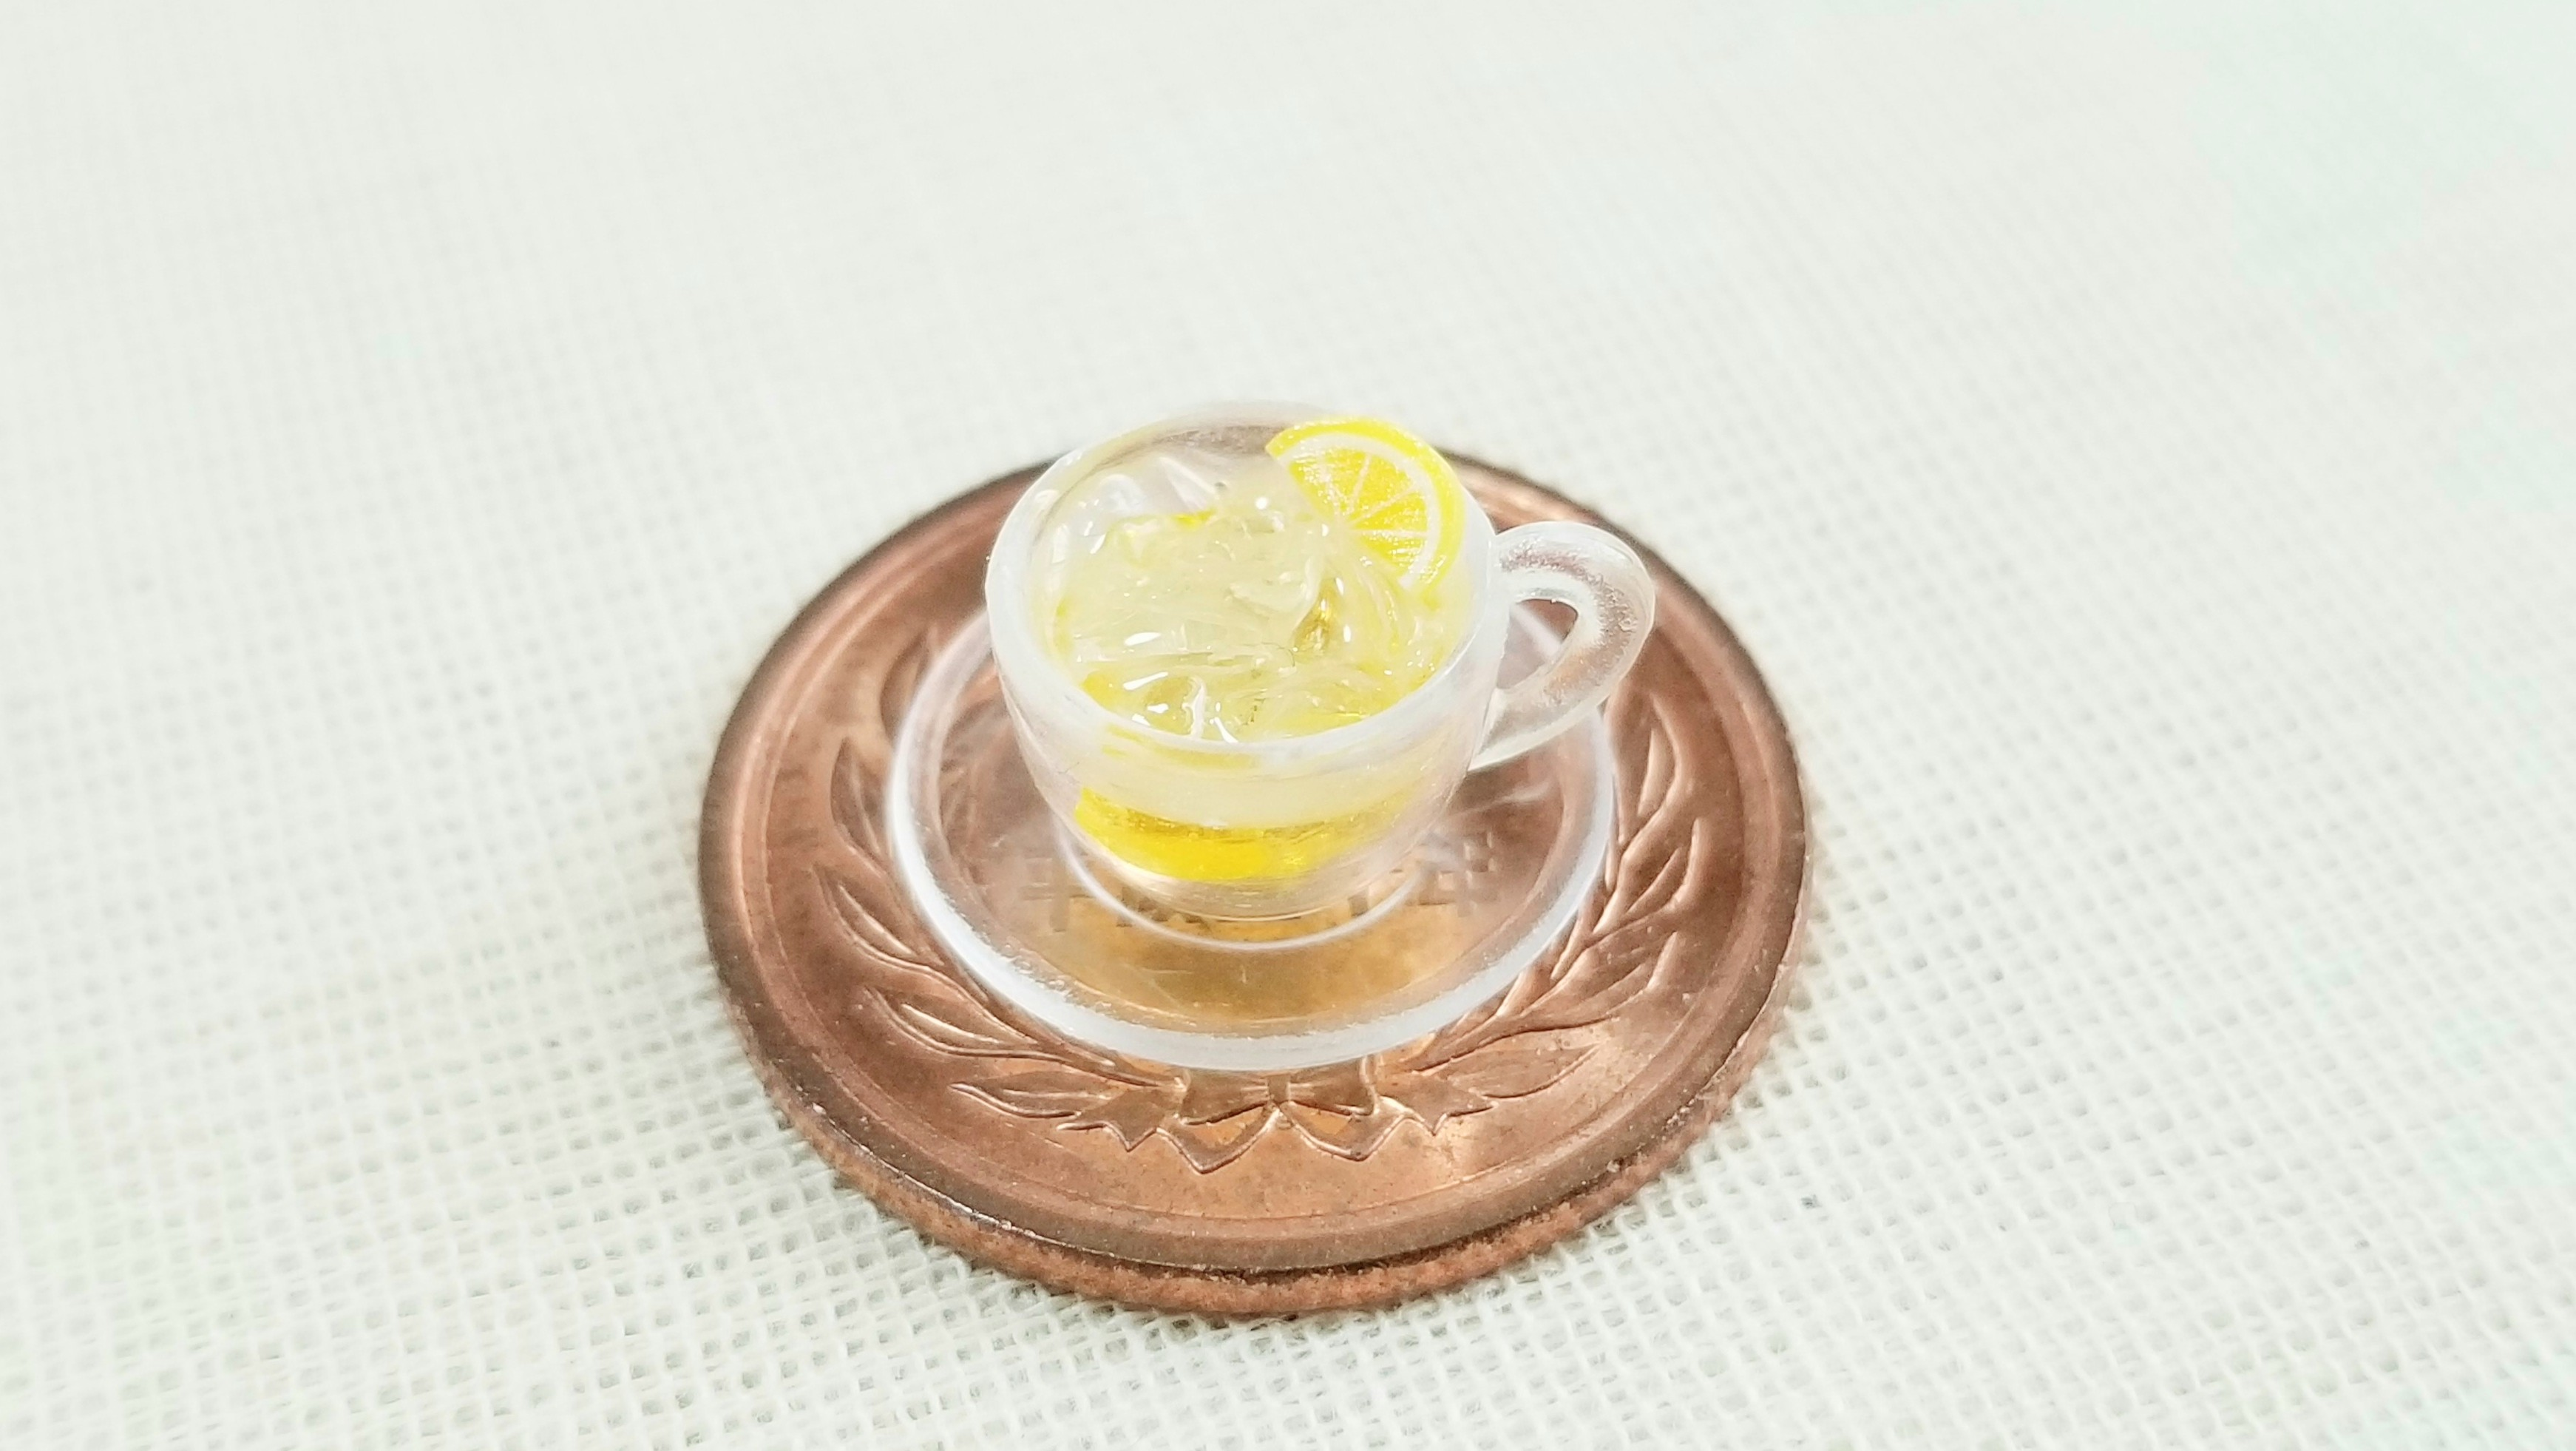 おいしいハニーブッシュレモンアイスティーおしゃれ爽やかな小物